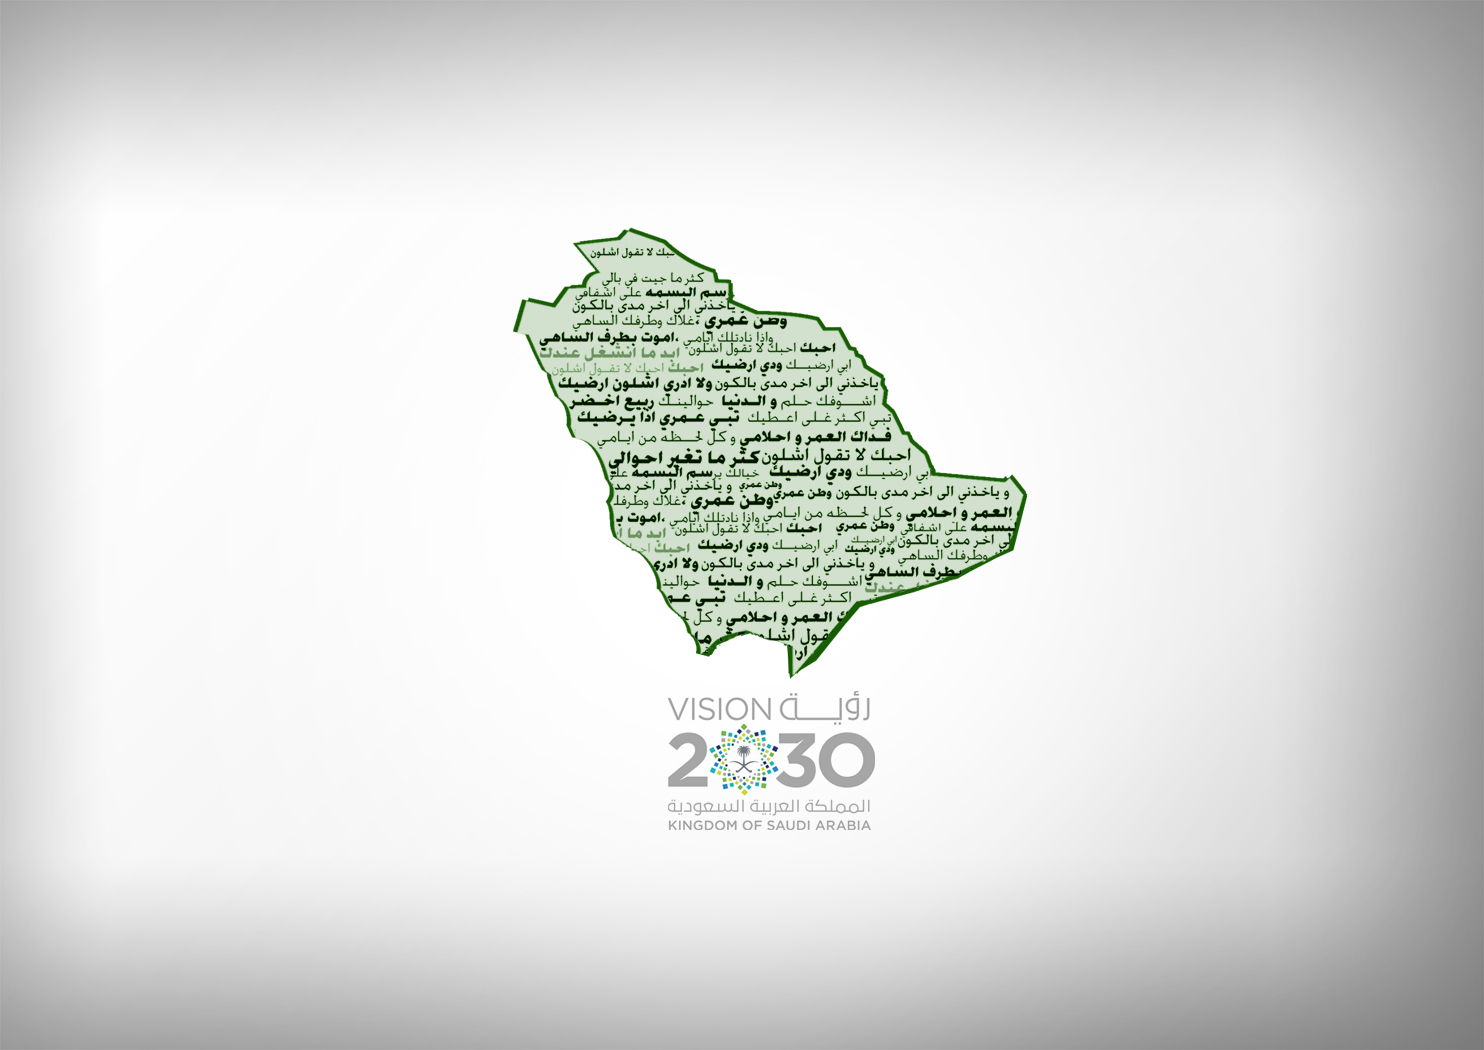 شعار رؤية 2030 مفرغ المرسال